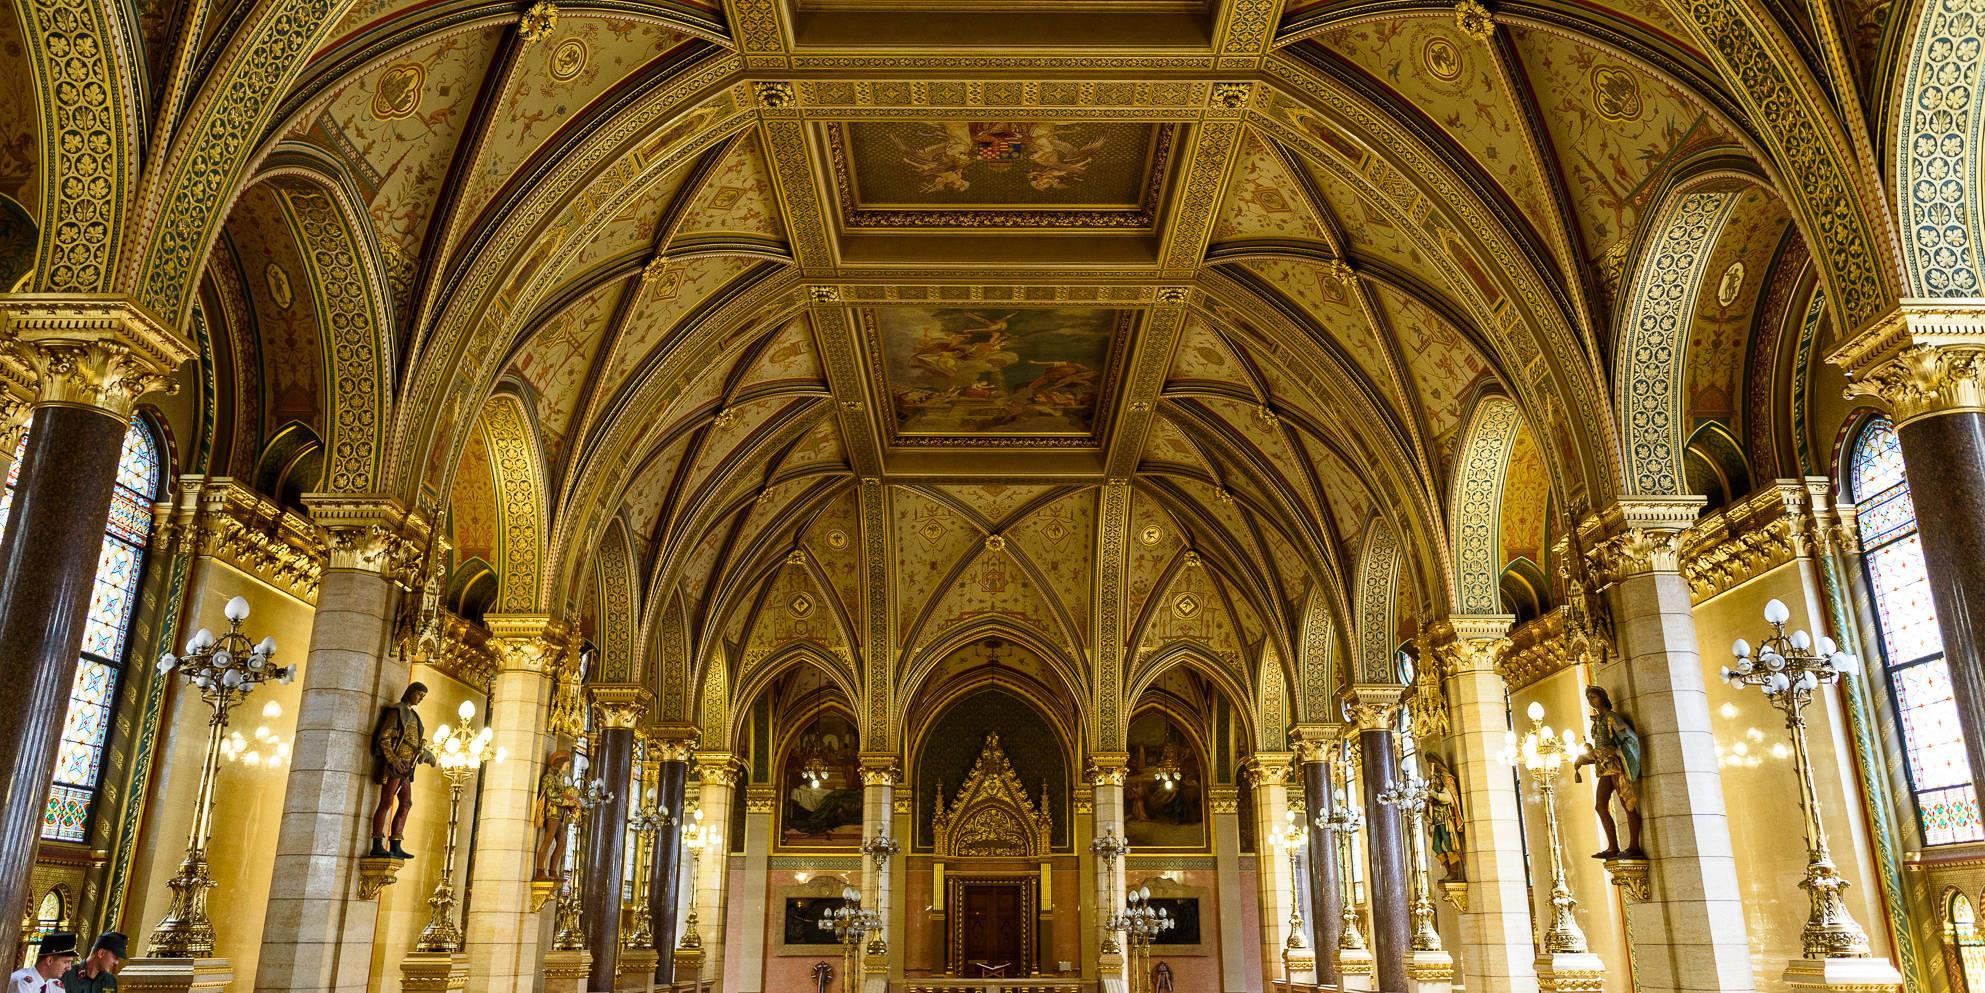 visita-guiada-parlamento-de-budapest-15